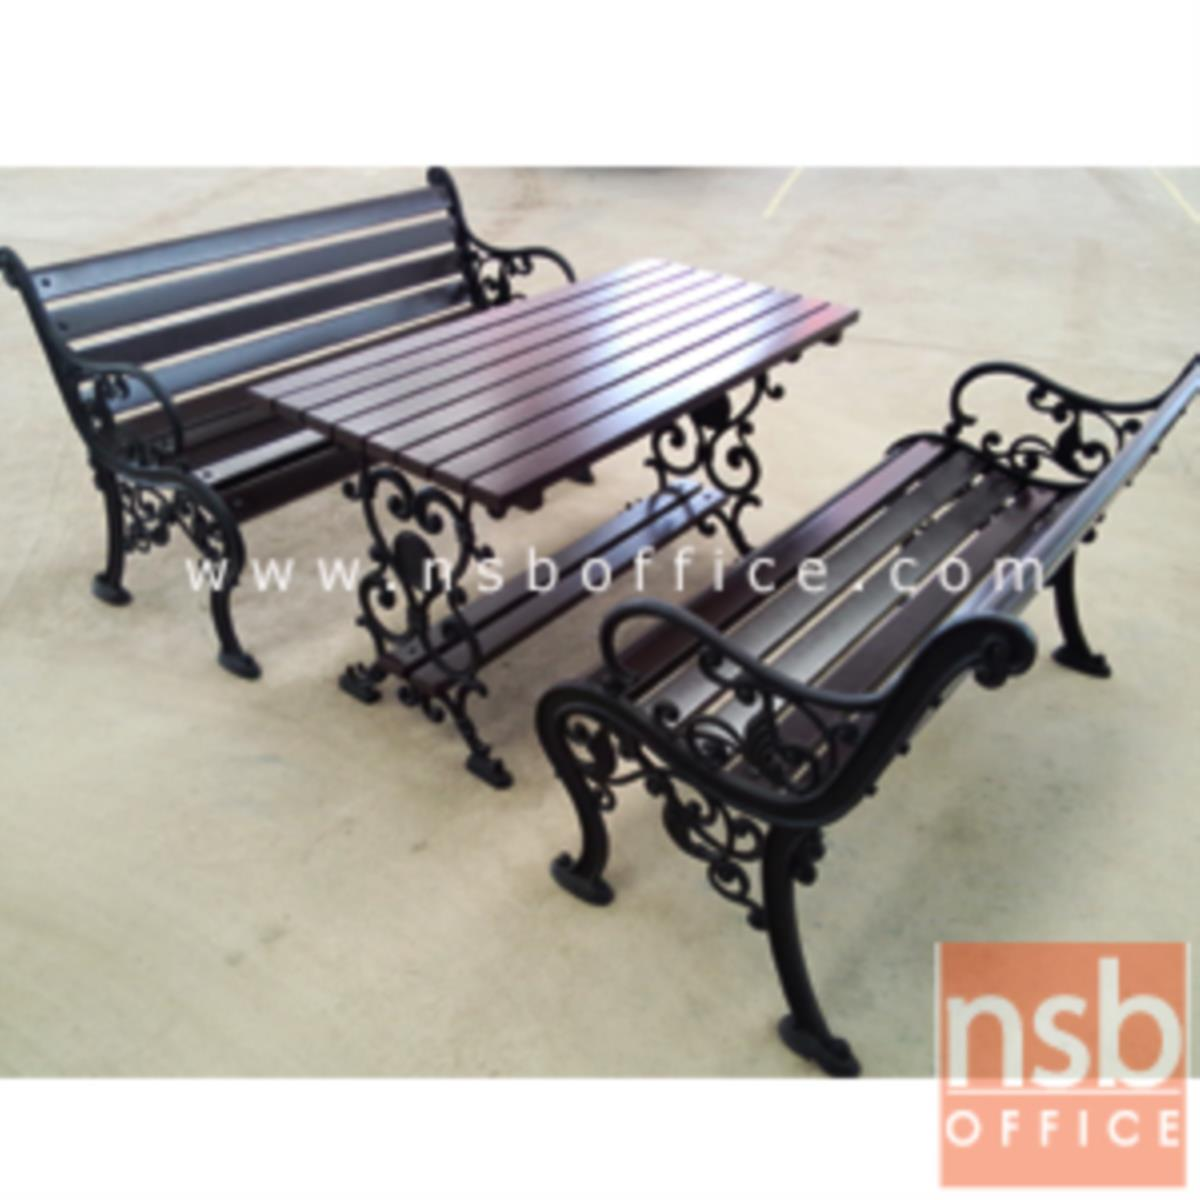 G08A044:ชุดโต๊ะสนาม พร้อมเก้าอี้ กทม. BKK-COT13 (โต๊ะ 1 + เก้าอี้ 2)